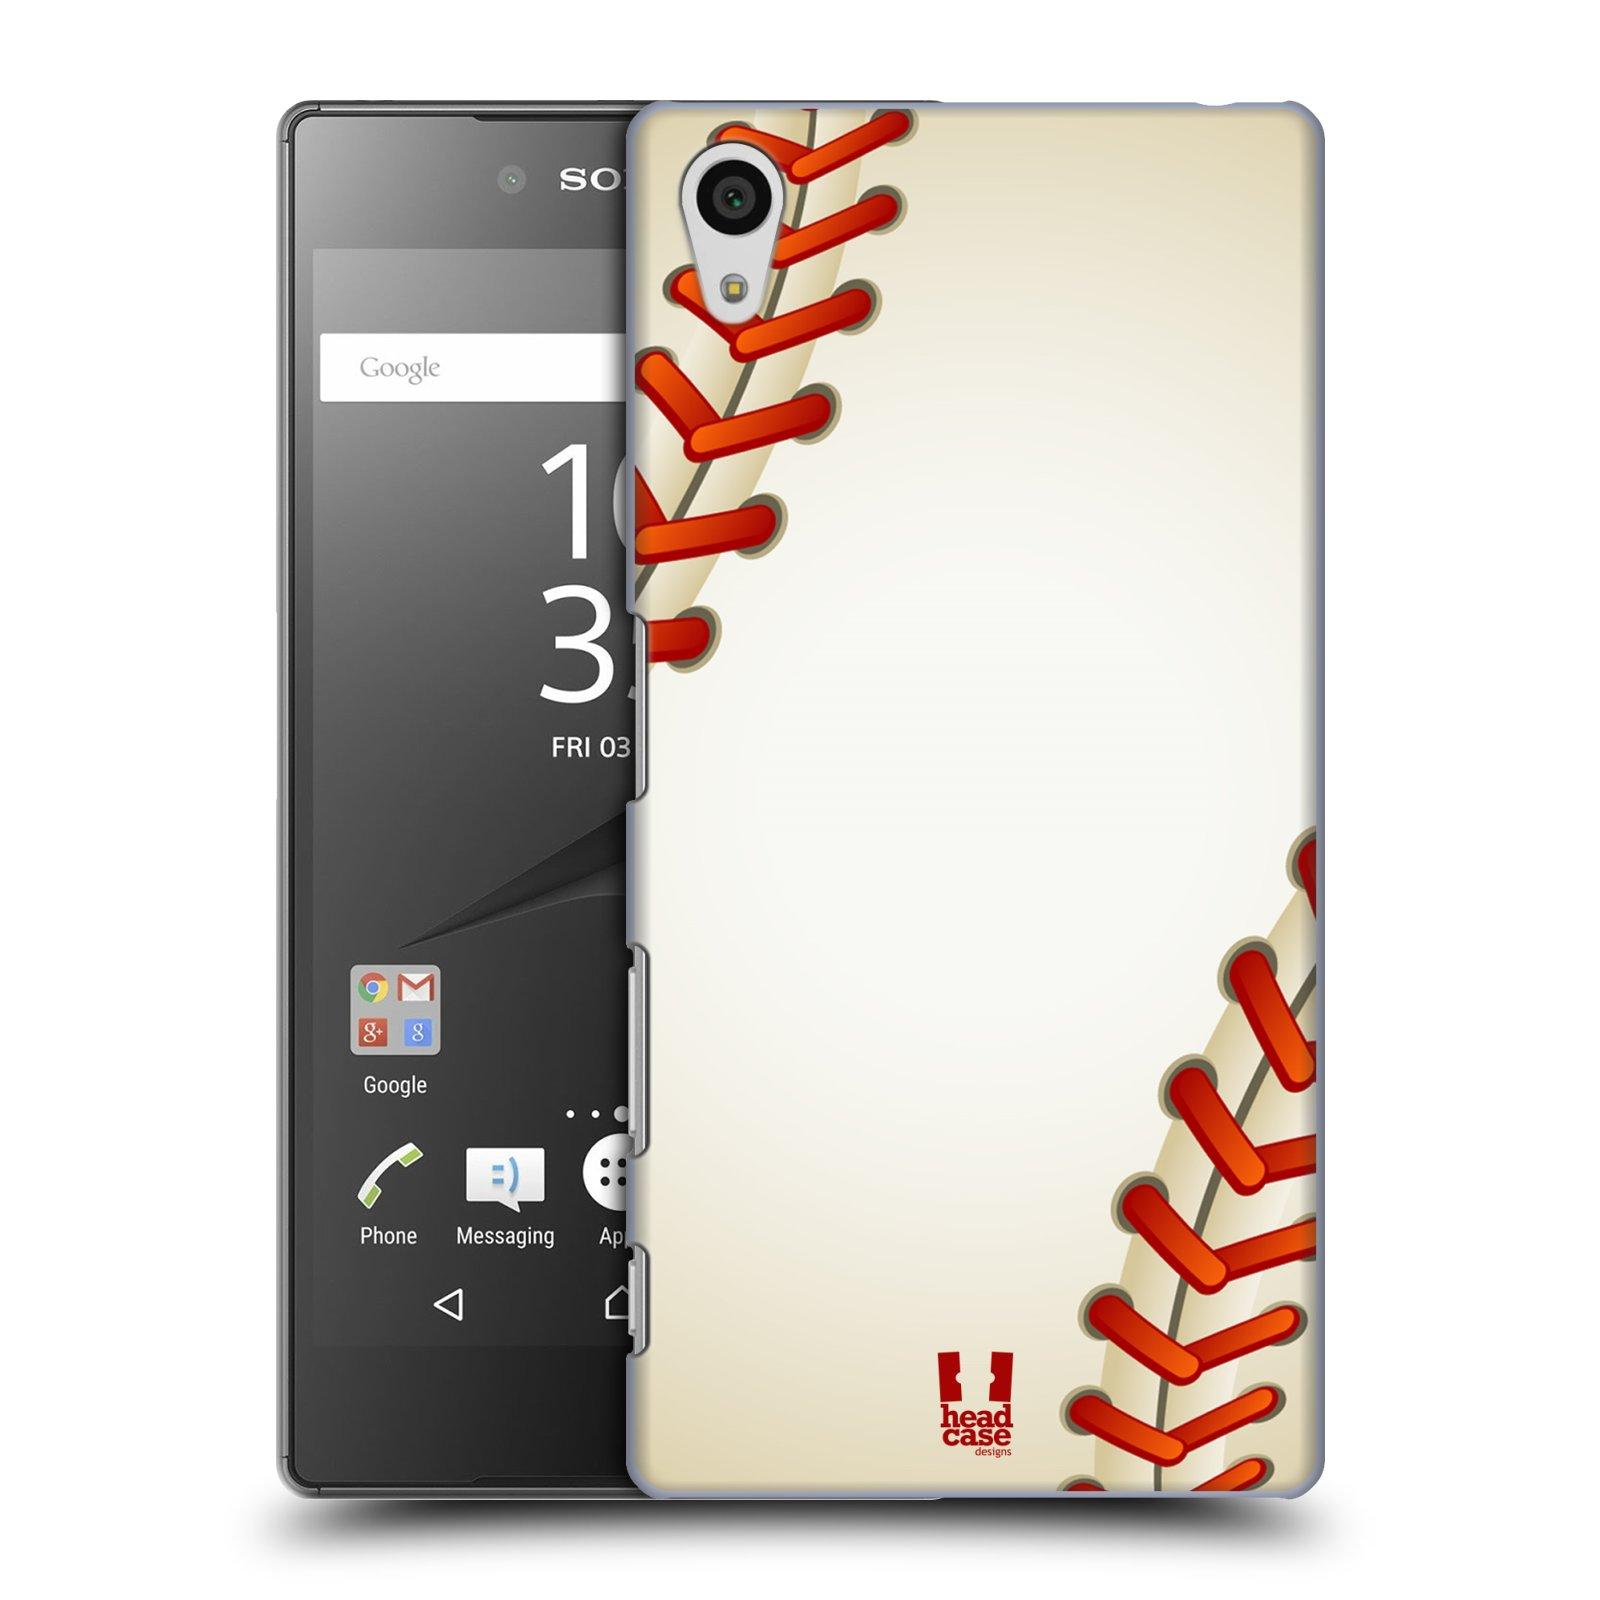 Plastové pouzdro na mobil Sony Xperia Z5 HEAD CASE KRIKEŤÁK (Kryt či obal na mobilní telefon Sony Xperia Z5 E6653)